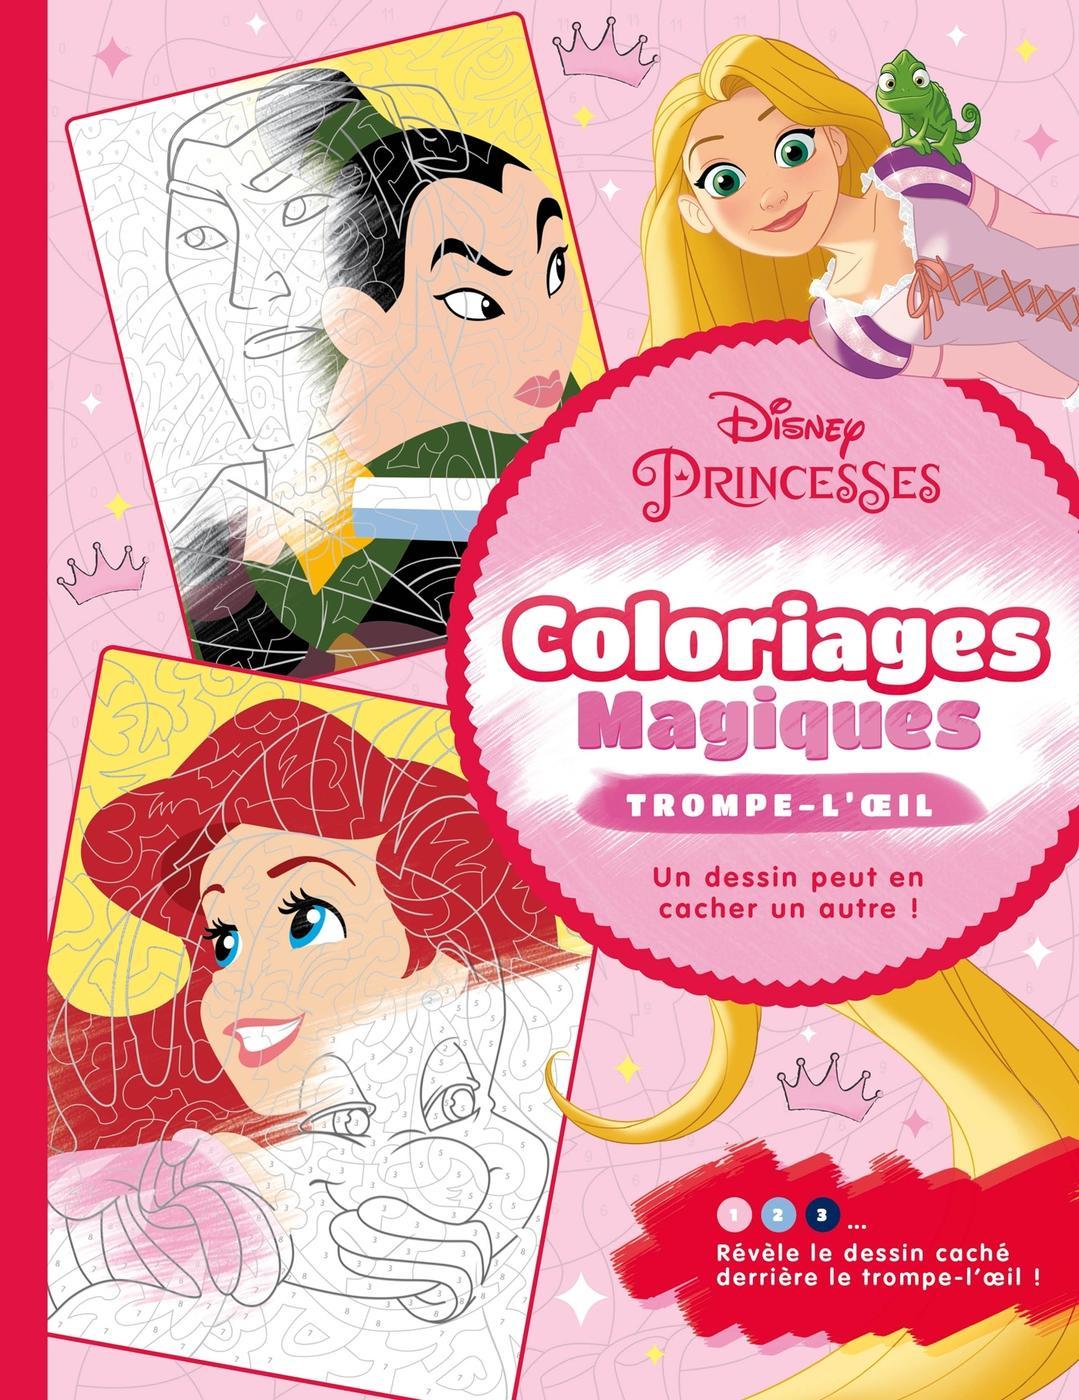 Disney princesses   coloriages magiques   Librairie Eyrolles